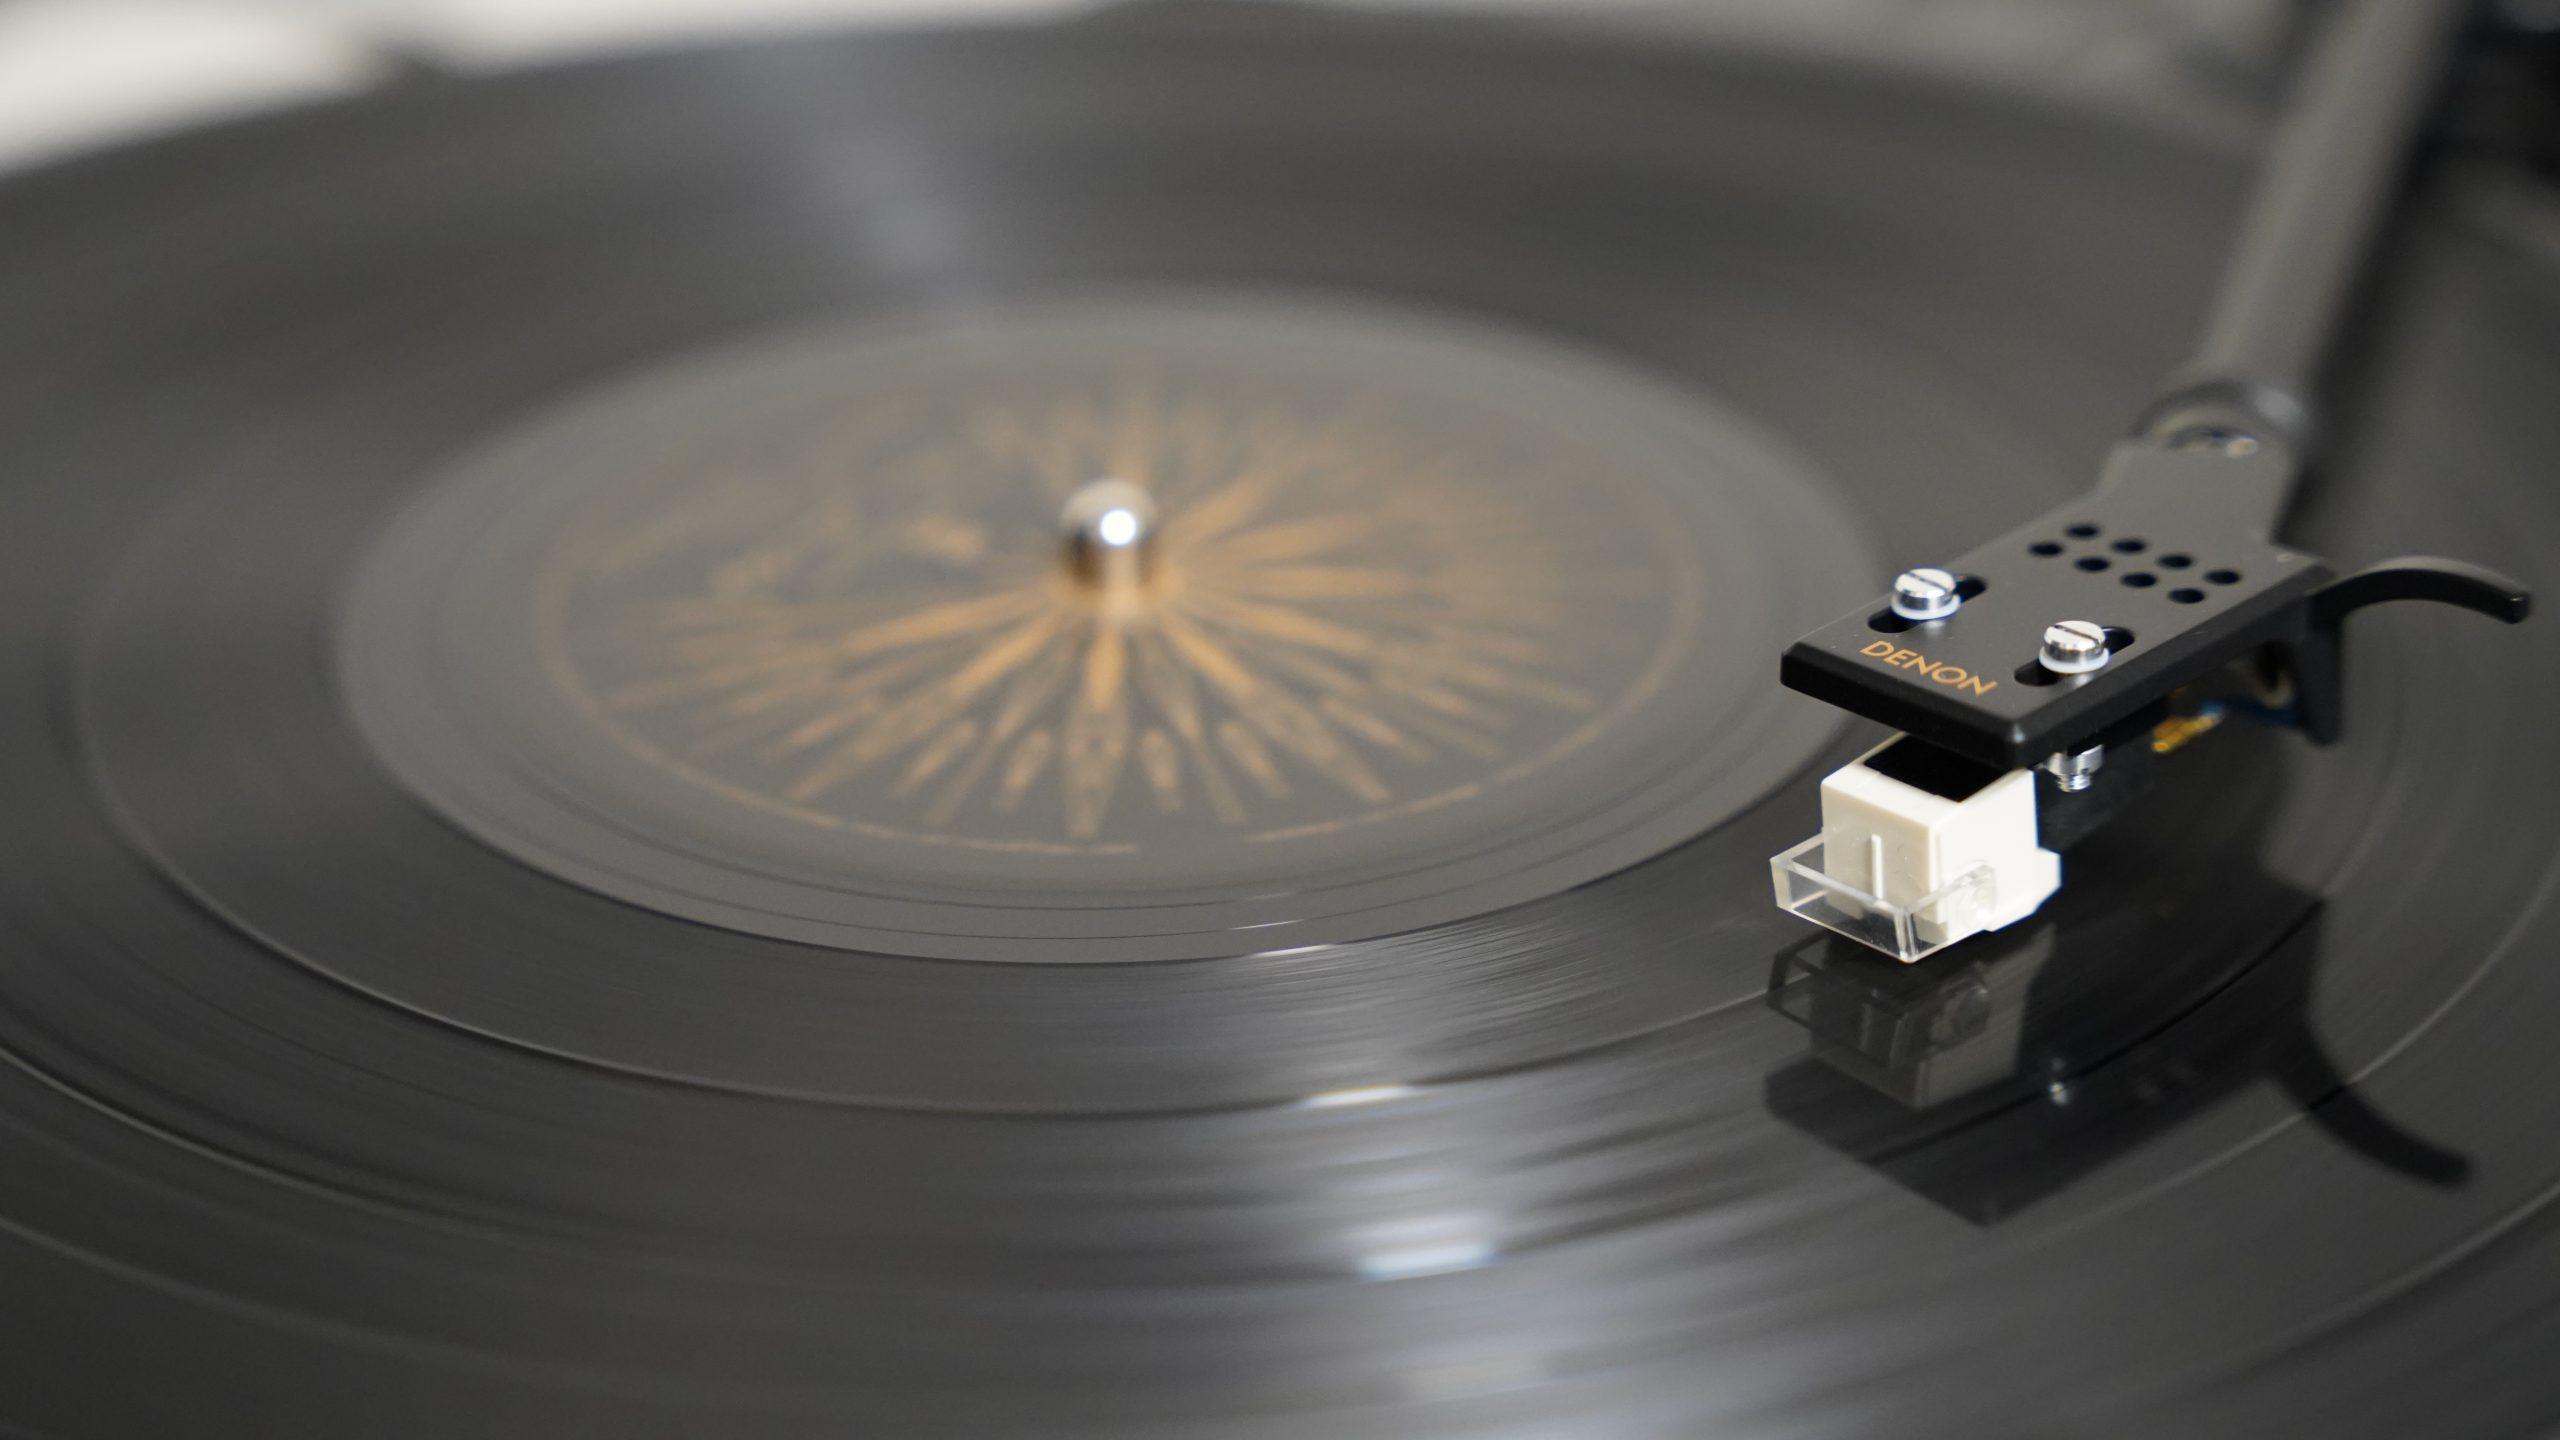 【SONY】レコード再生の瞬間を撮影してみました